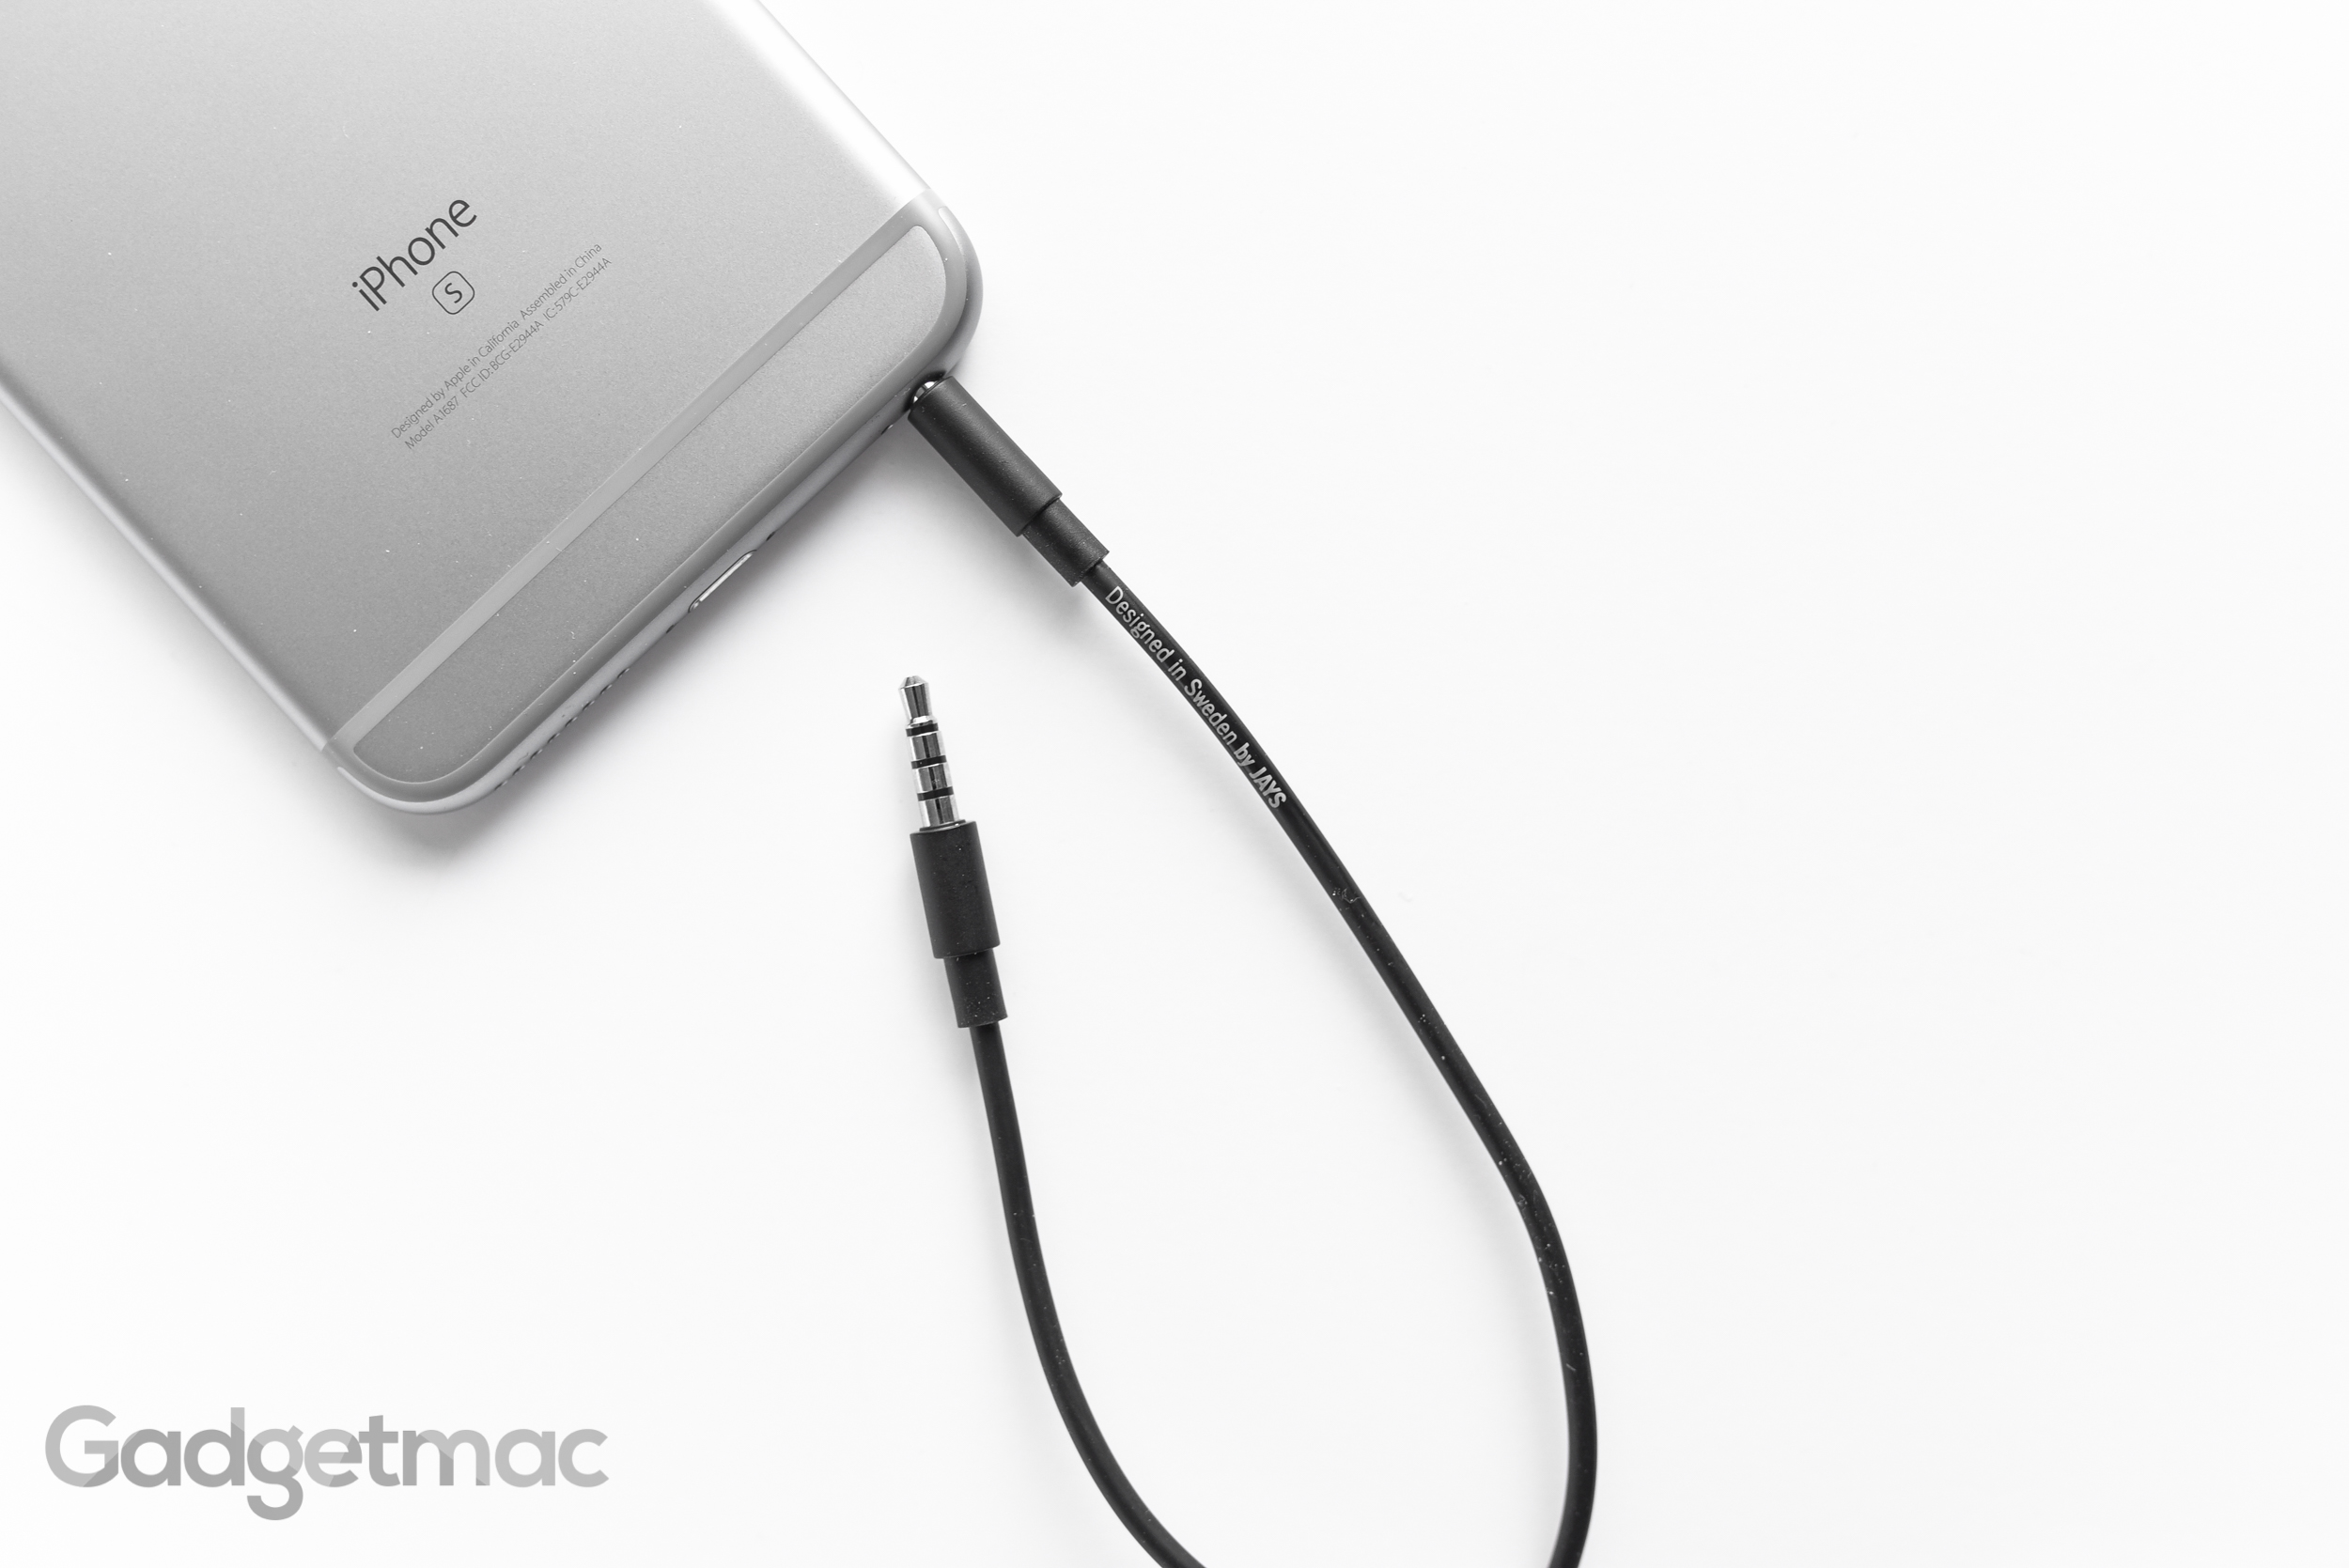 ujays-detachable-ios-cable.jpg